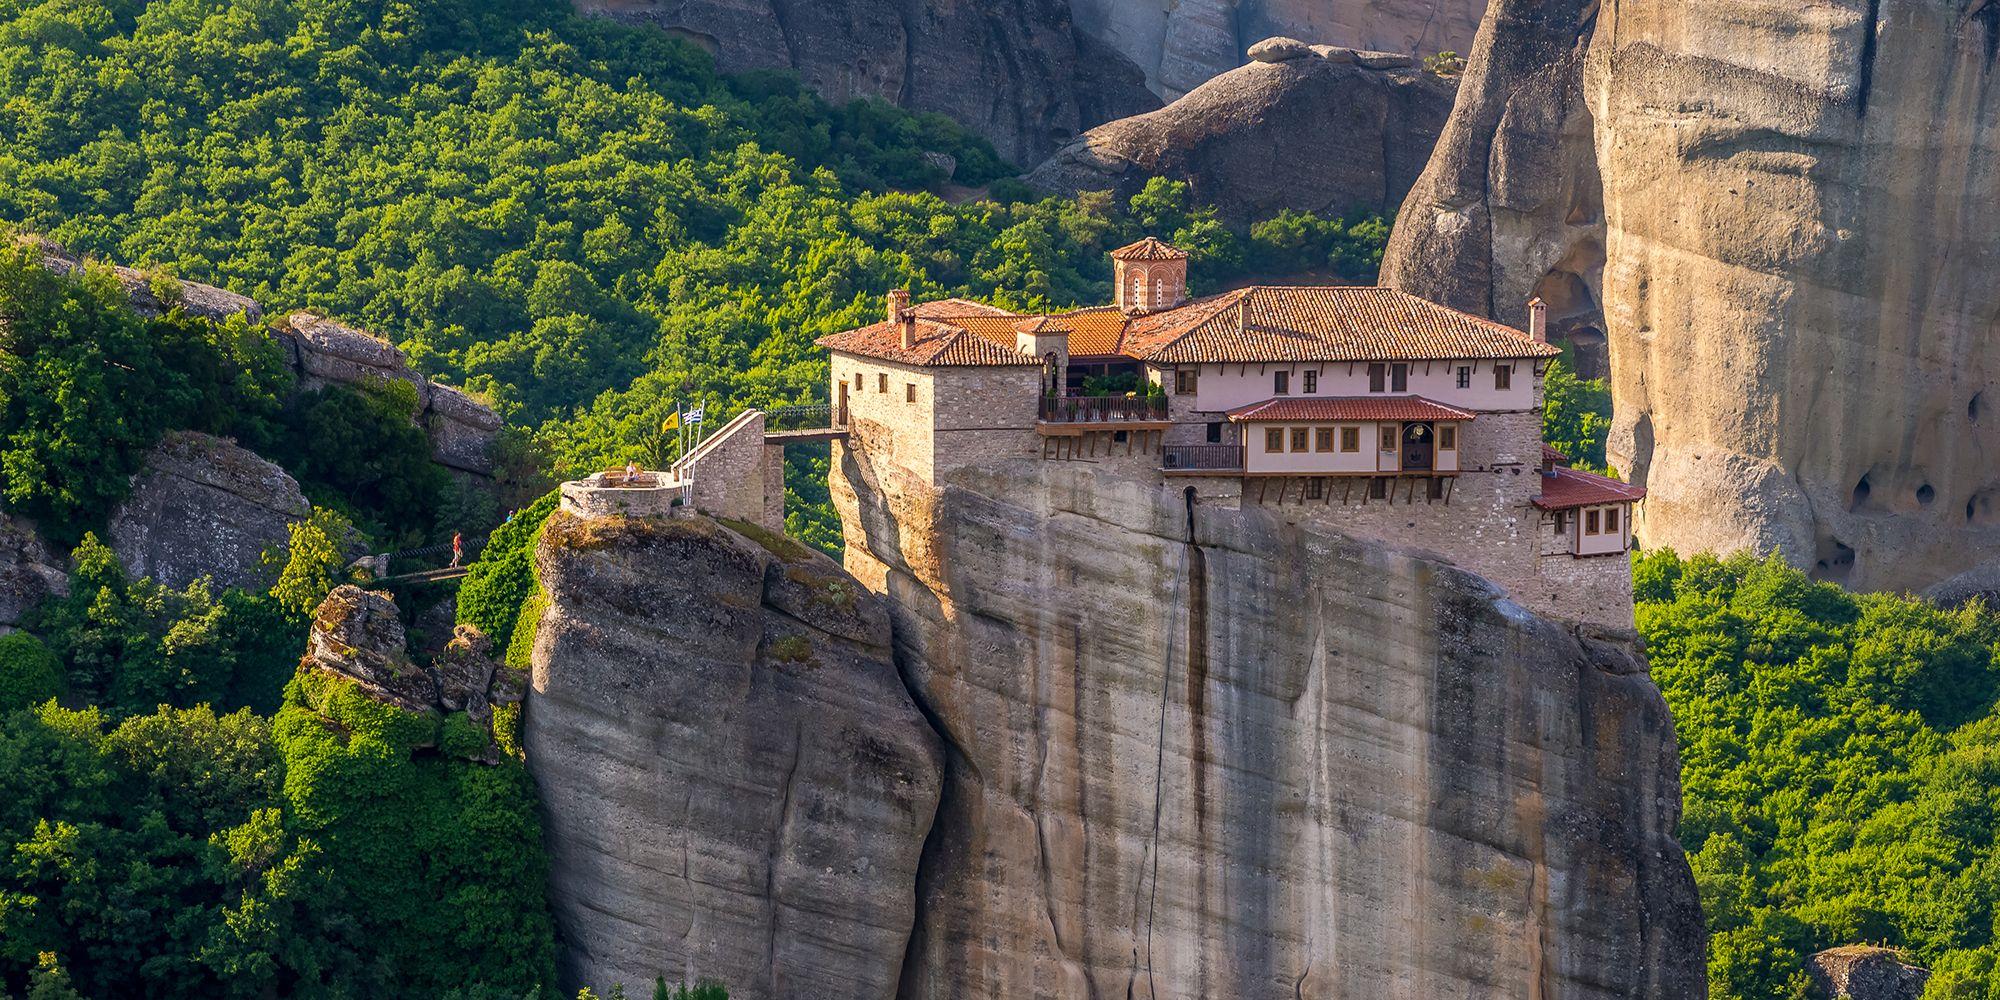 Monasteri Di Bose Tutte Le Info Sullospitalità